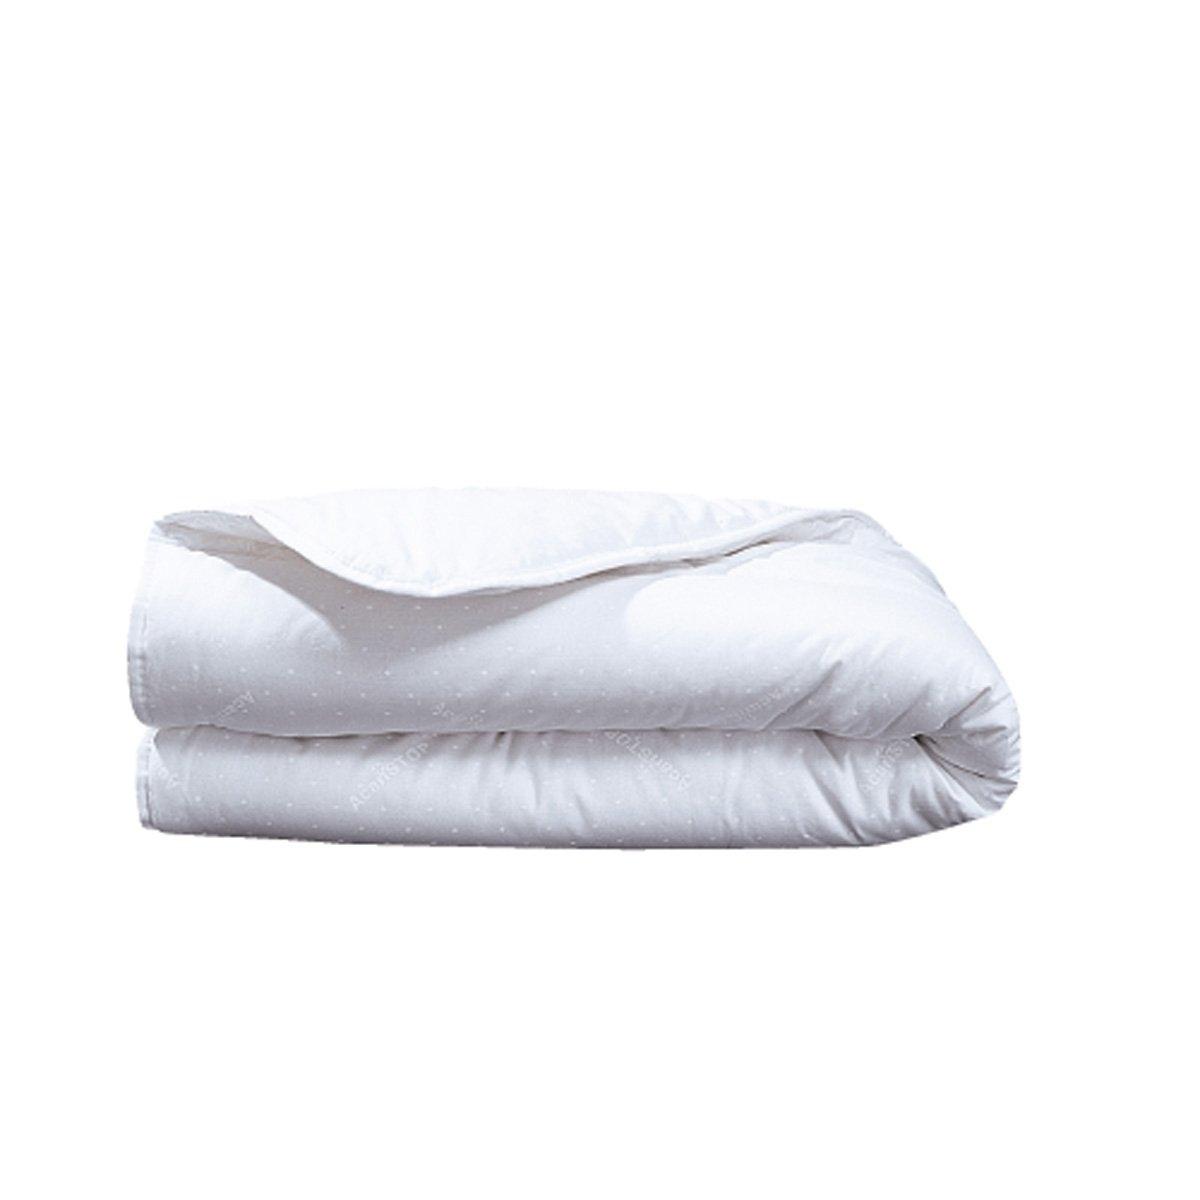 Одеяло детское с обработкойГигиена и комфорт! Детское одеяло с обработкой против клещей, которая прослужит долгое время, а также против пятен (до 15 стирок). Чехол из 100% хлопка. Отделка кантом. Стирка при 60°. Наполнитель из полиэстера. Стежка линиями. Размер: 75 х 120 см.<br><br>Цвет: белый